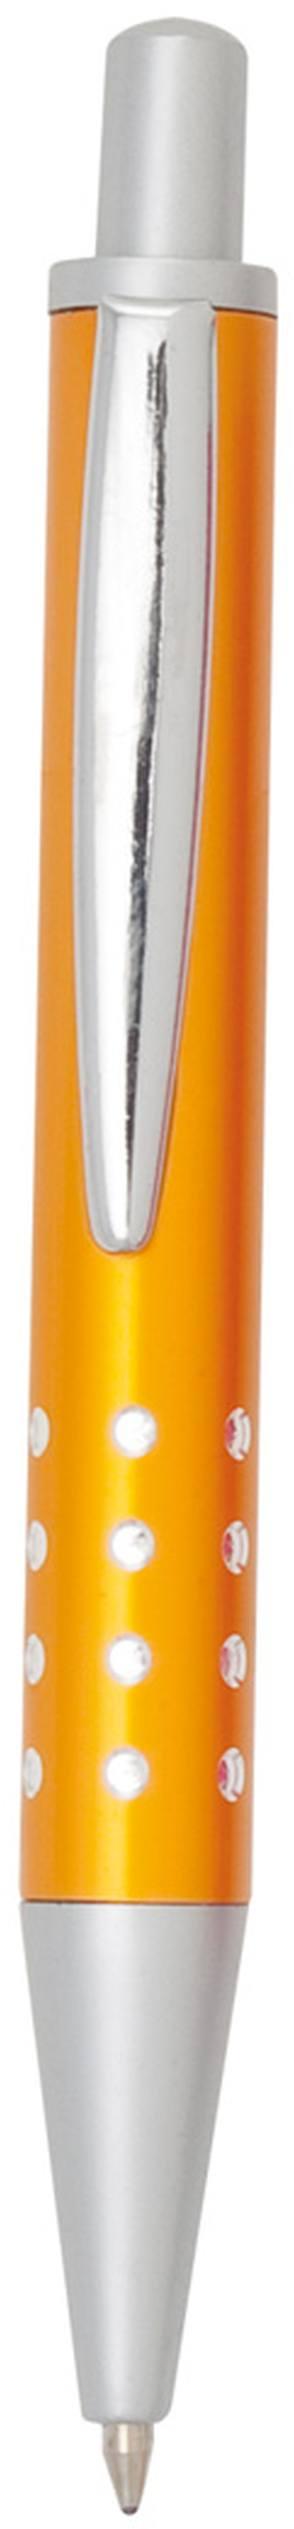 Hesia mini kuličkové pero